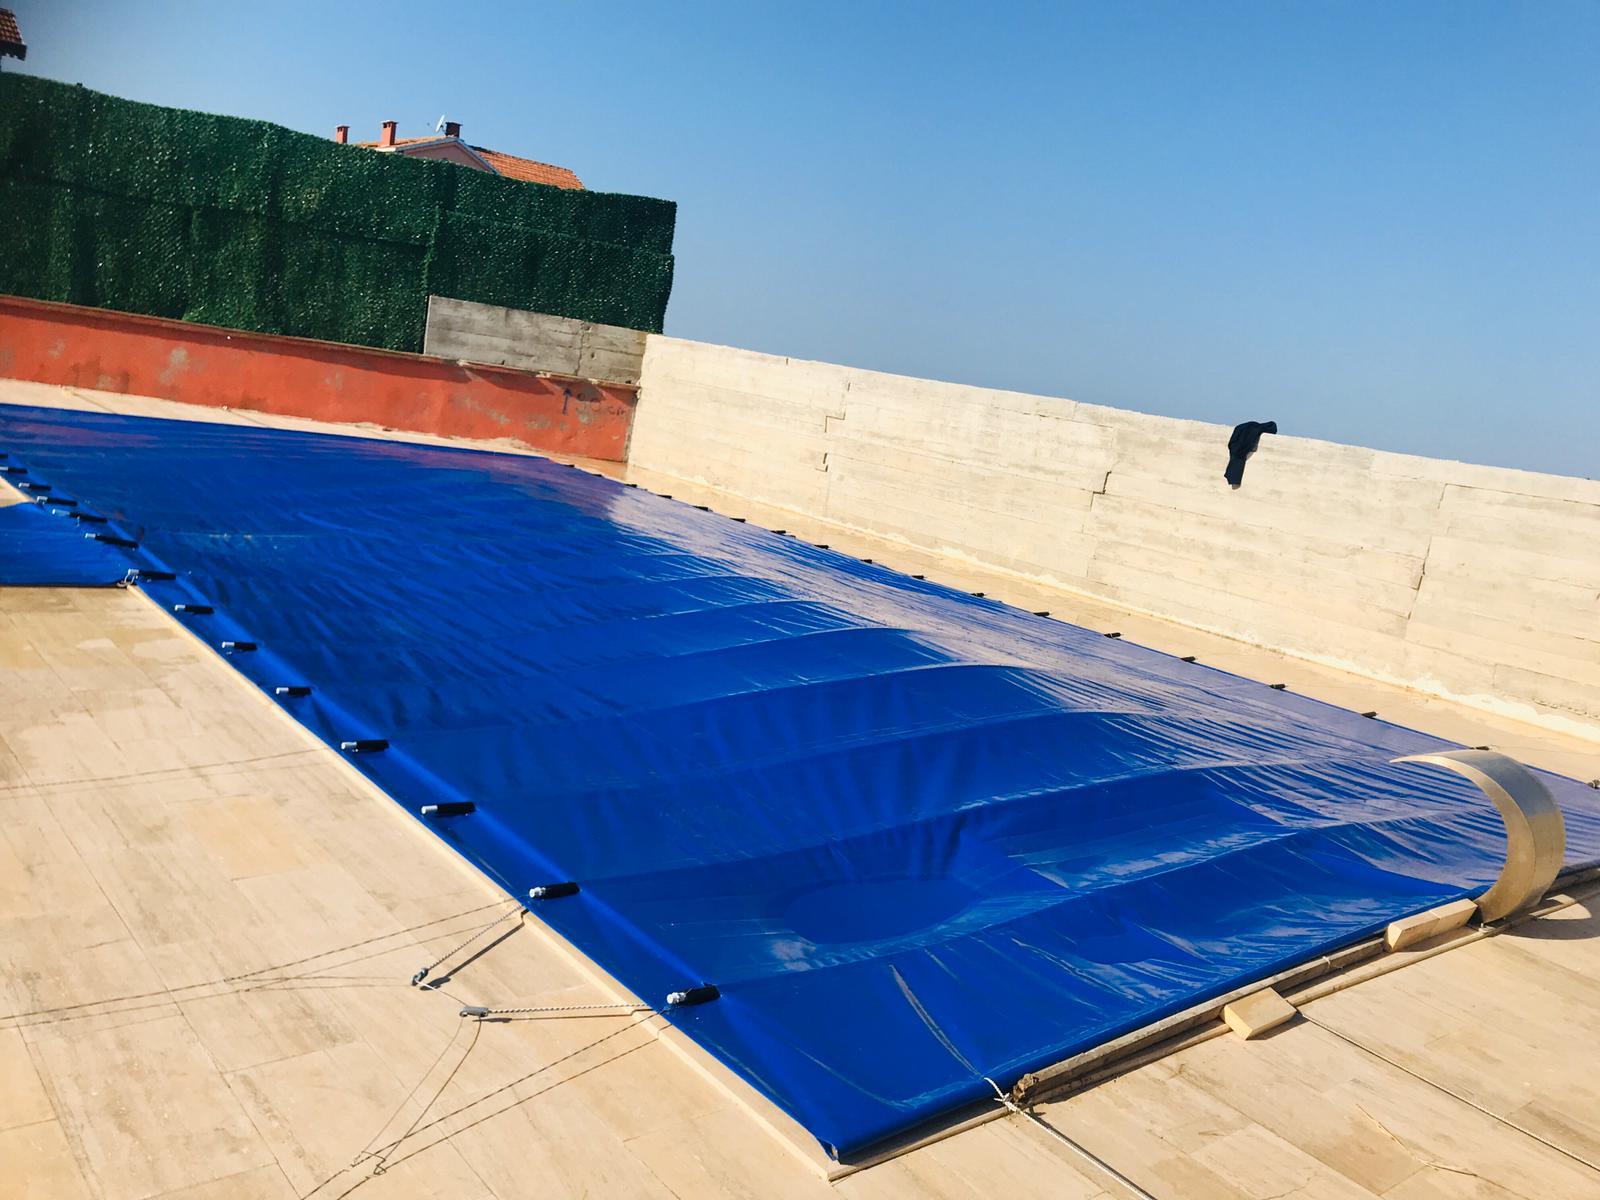 Sulama Havuzu Brandası | Favori Branda - Çadır - Tente -Branda - istanbul